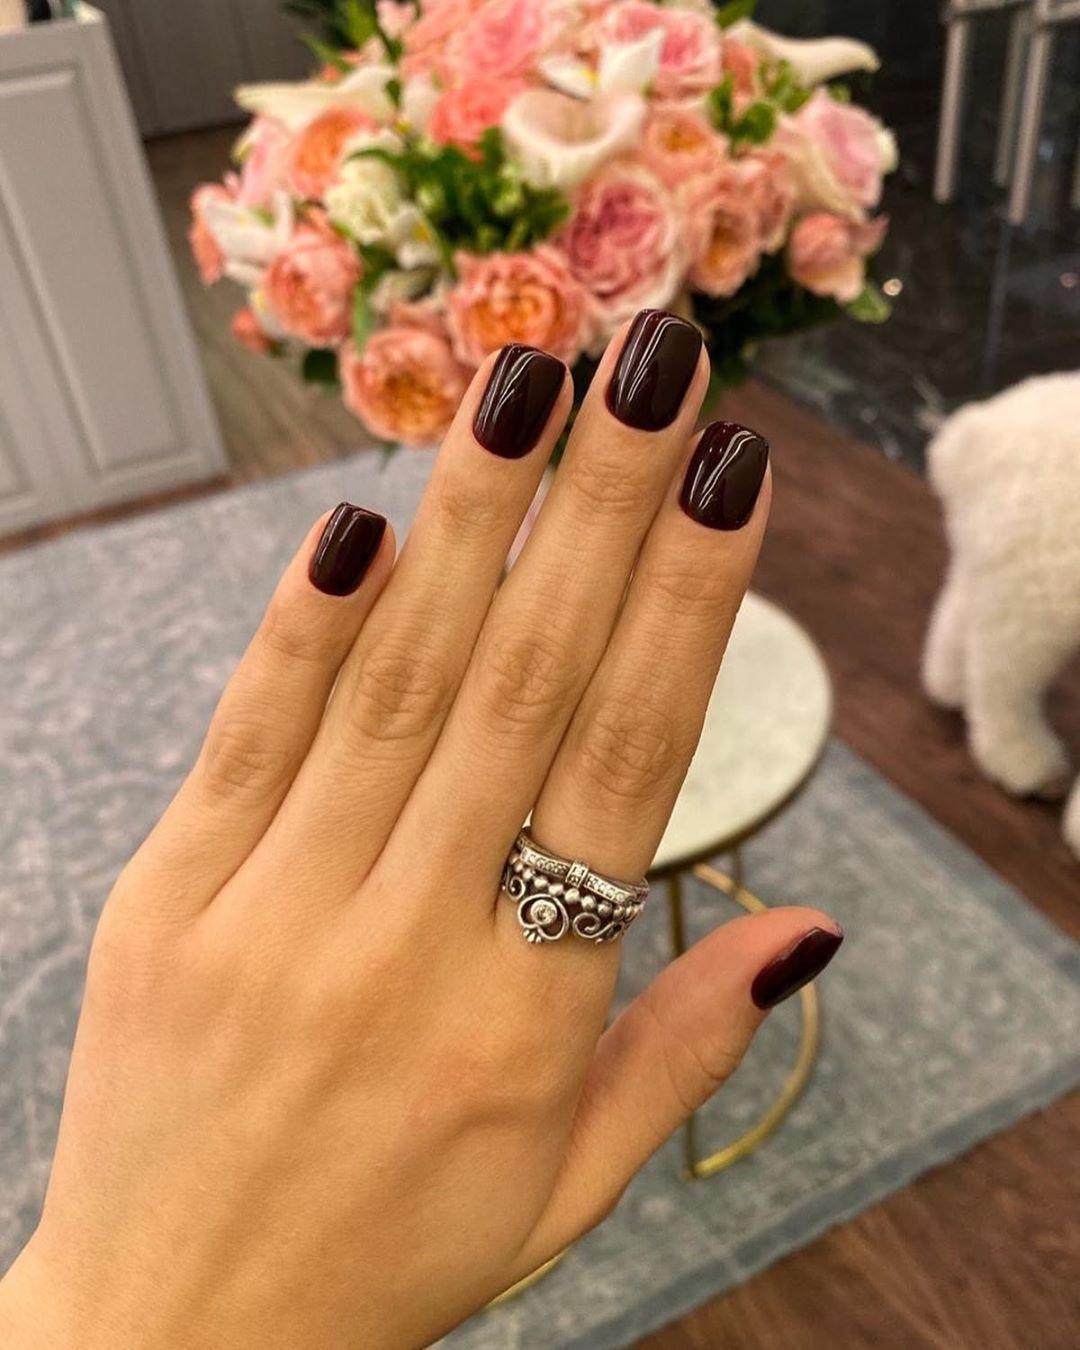 Маникюр на короткие ногти: самые классные дизайны